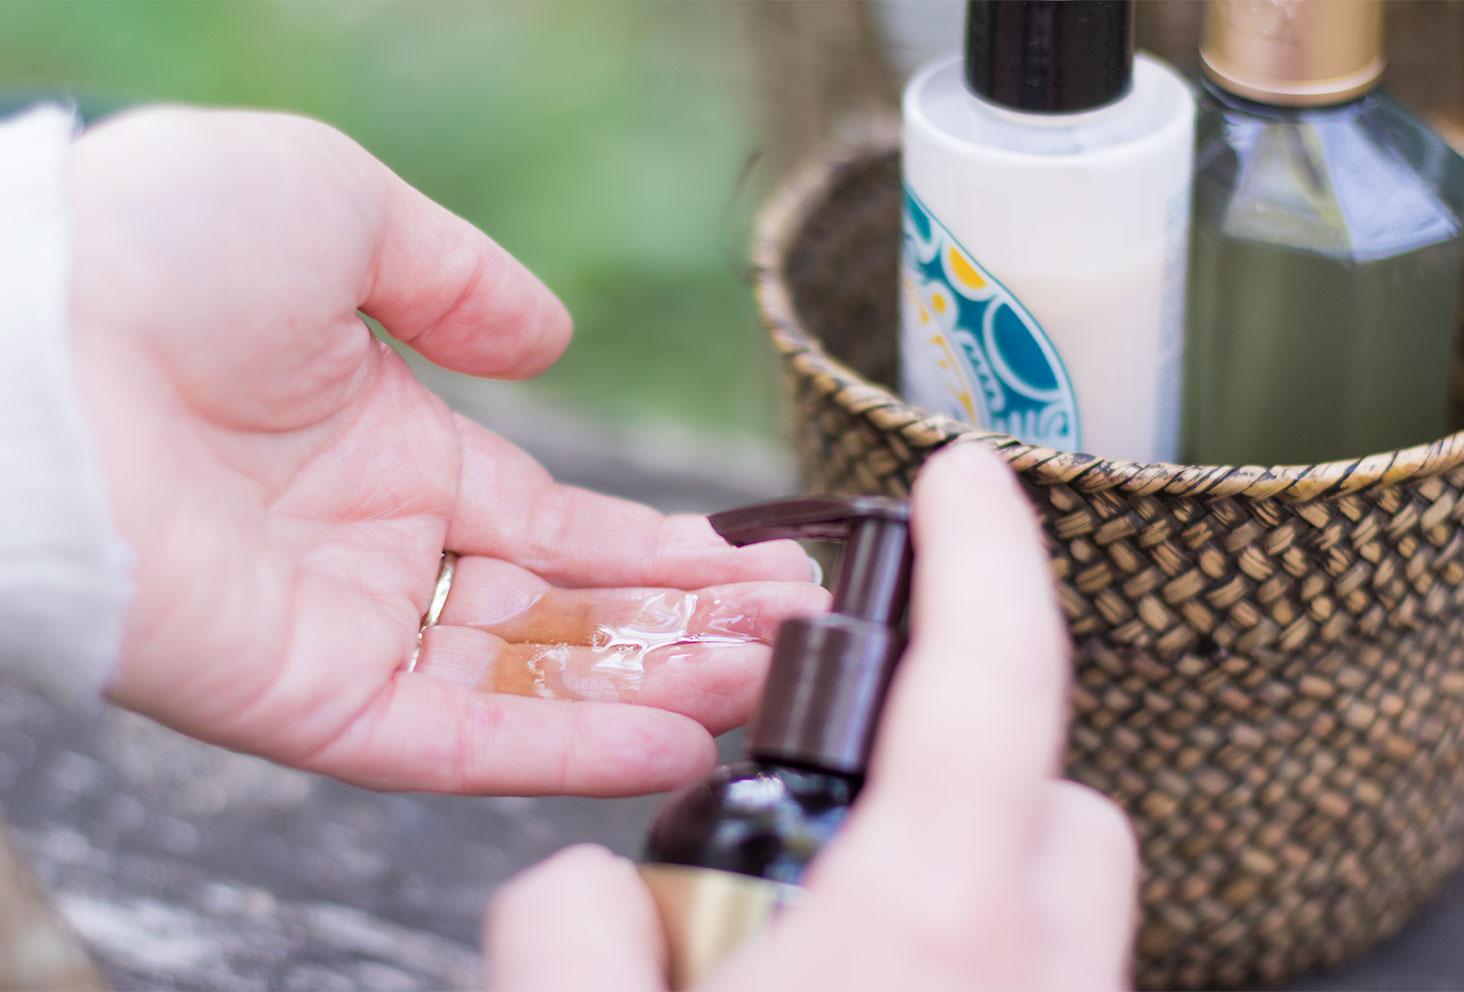 Texture de l'huile pour cheveux Macadamia Professional dans le creux de la main